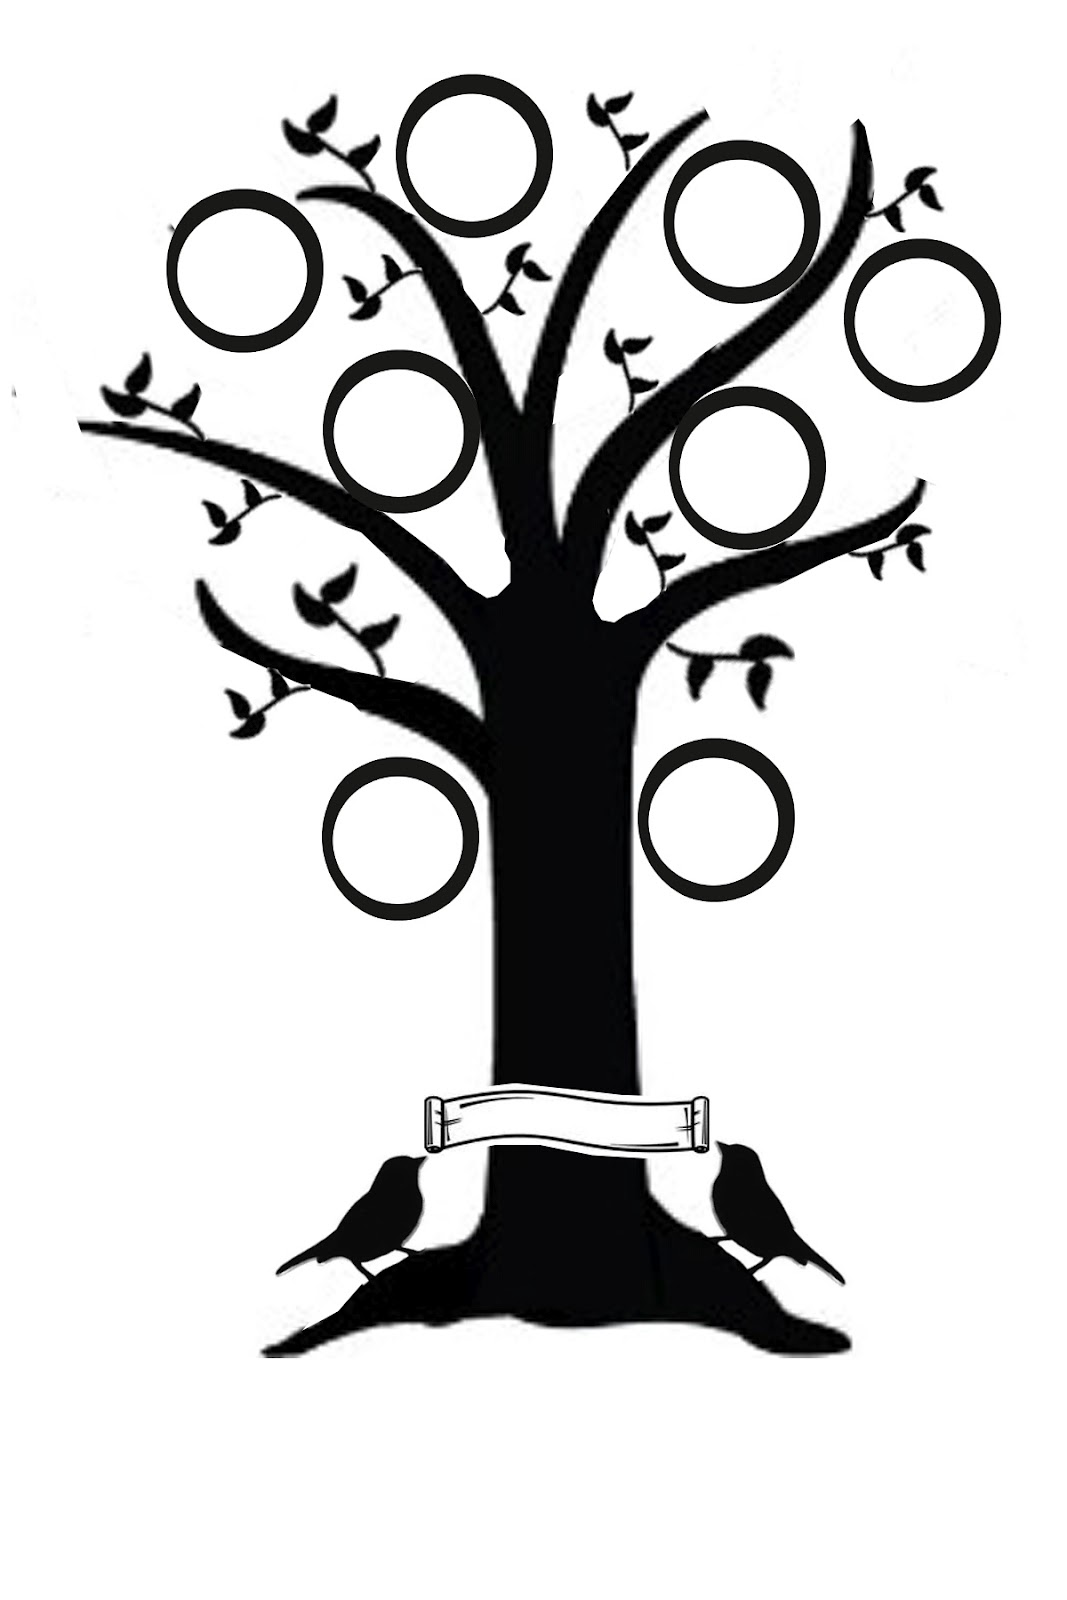 Blank Family Trees For Kids - ClipArt Best